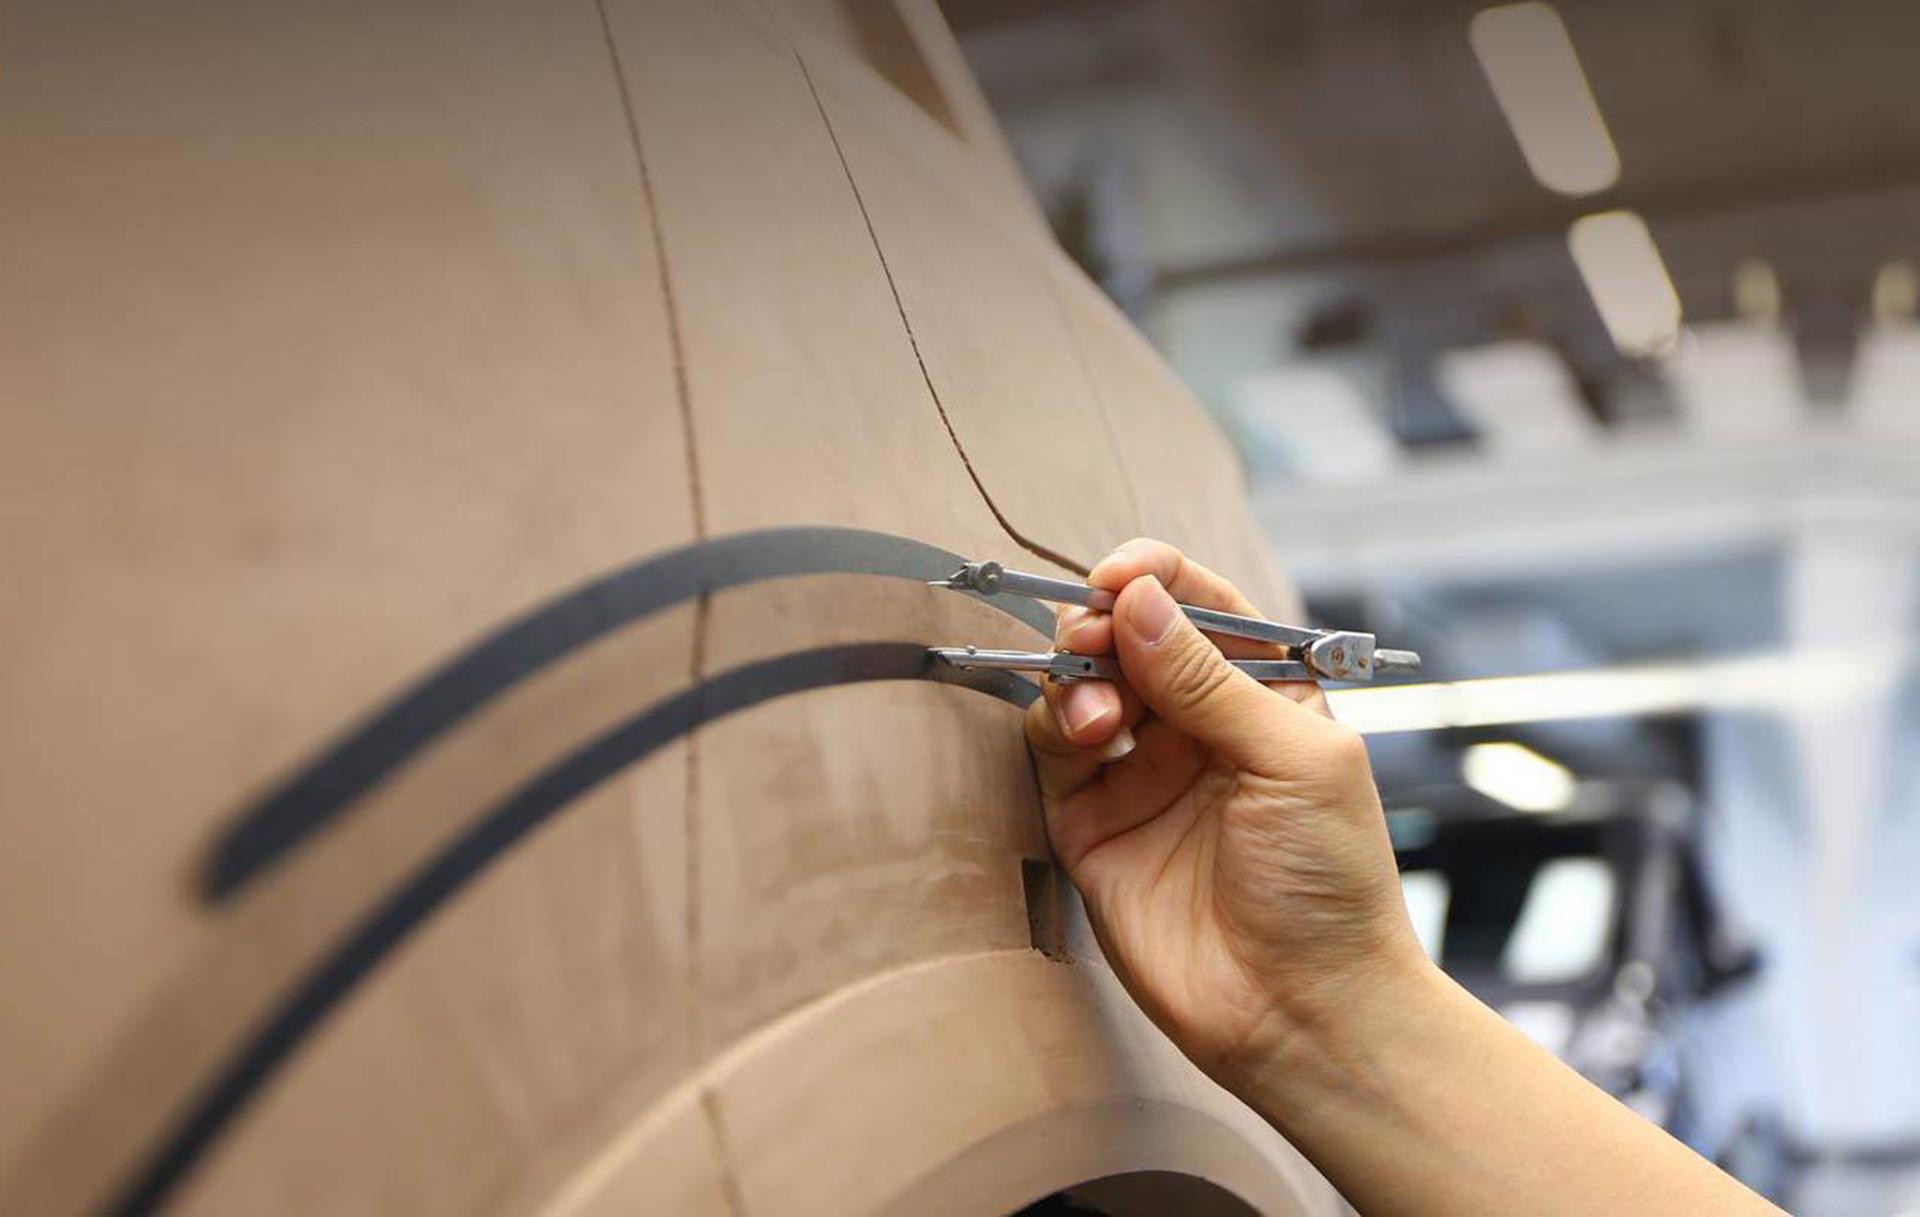 剖析「车和家」:要创新和颠覆的不只是车